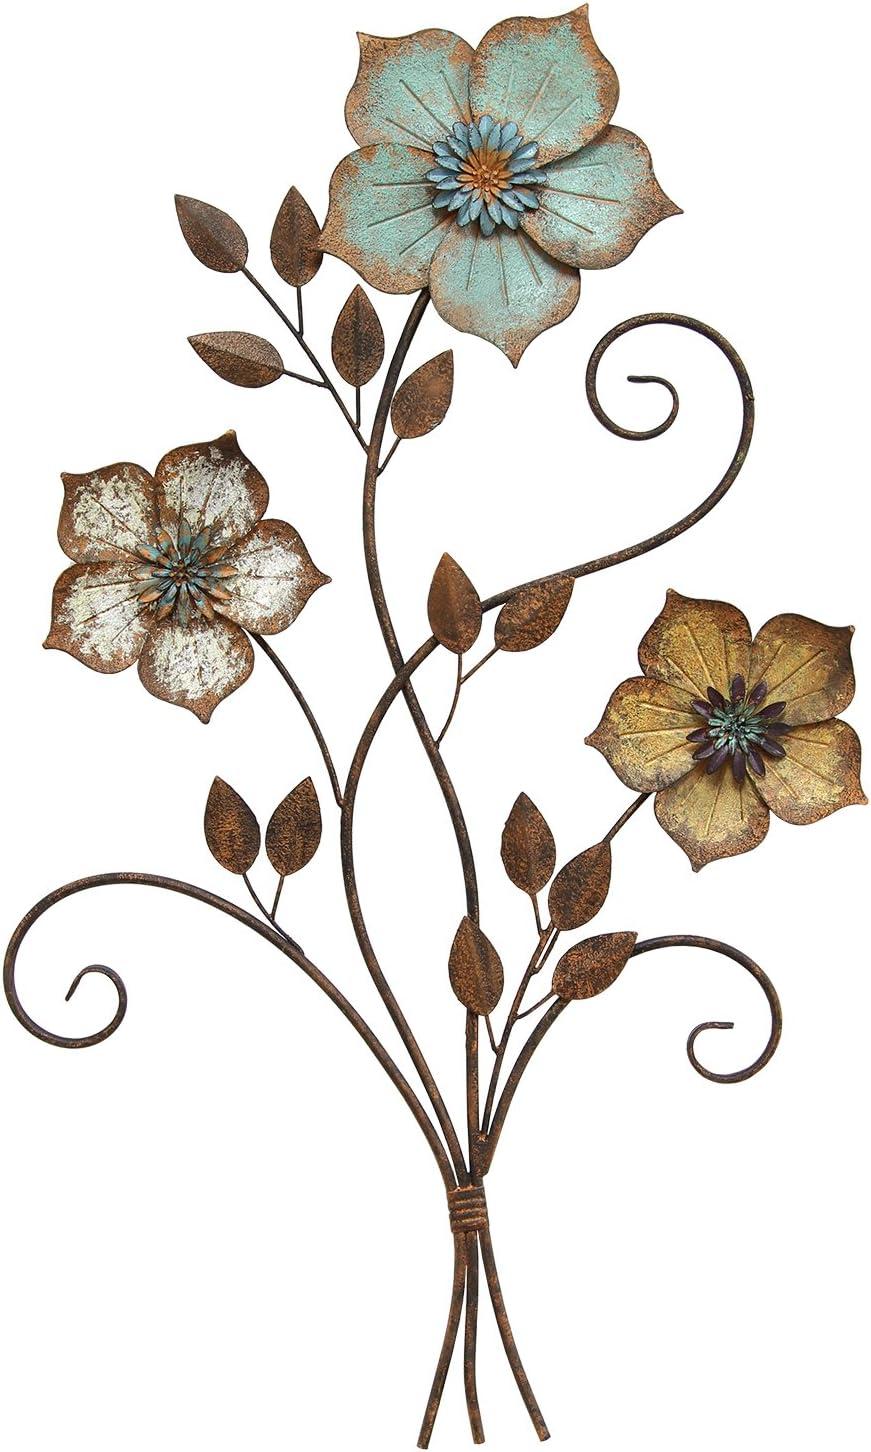 Stratton Home Decor S02369 Tricolor Flower Wall Decor, 19.25 W x 1.50 D x 30.00 H, Multi